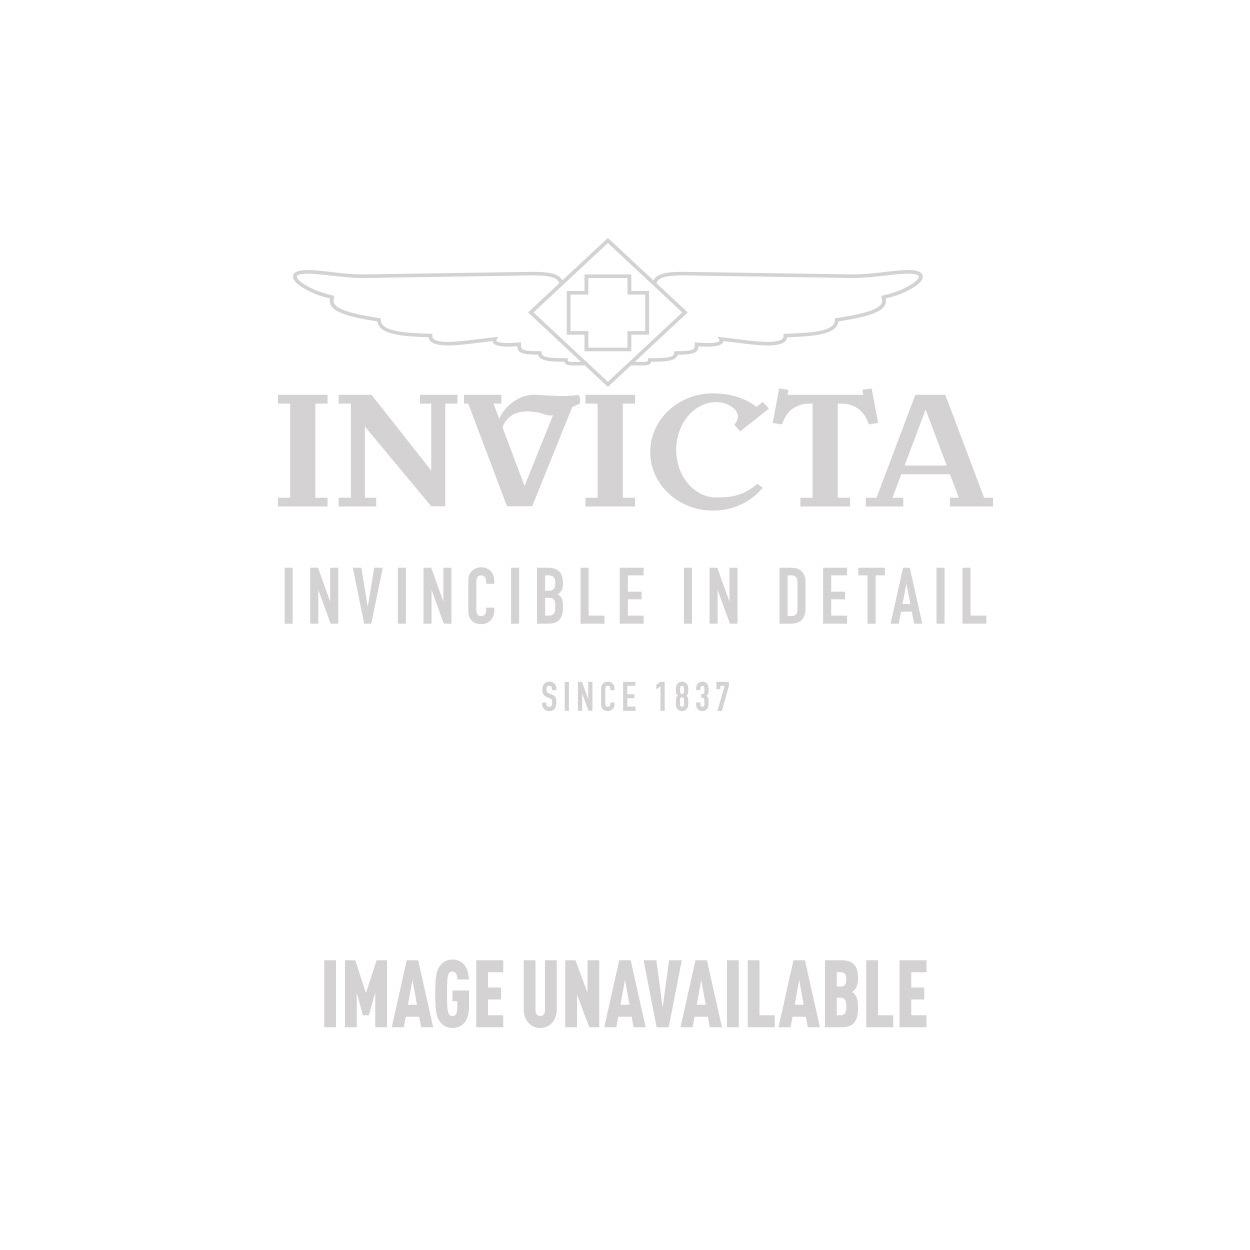 Invicta Model 27099